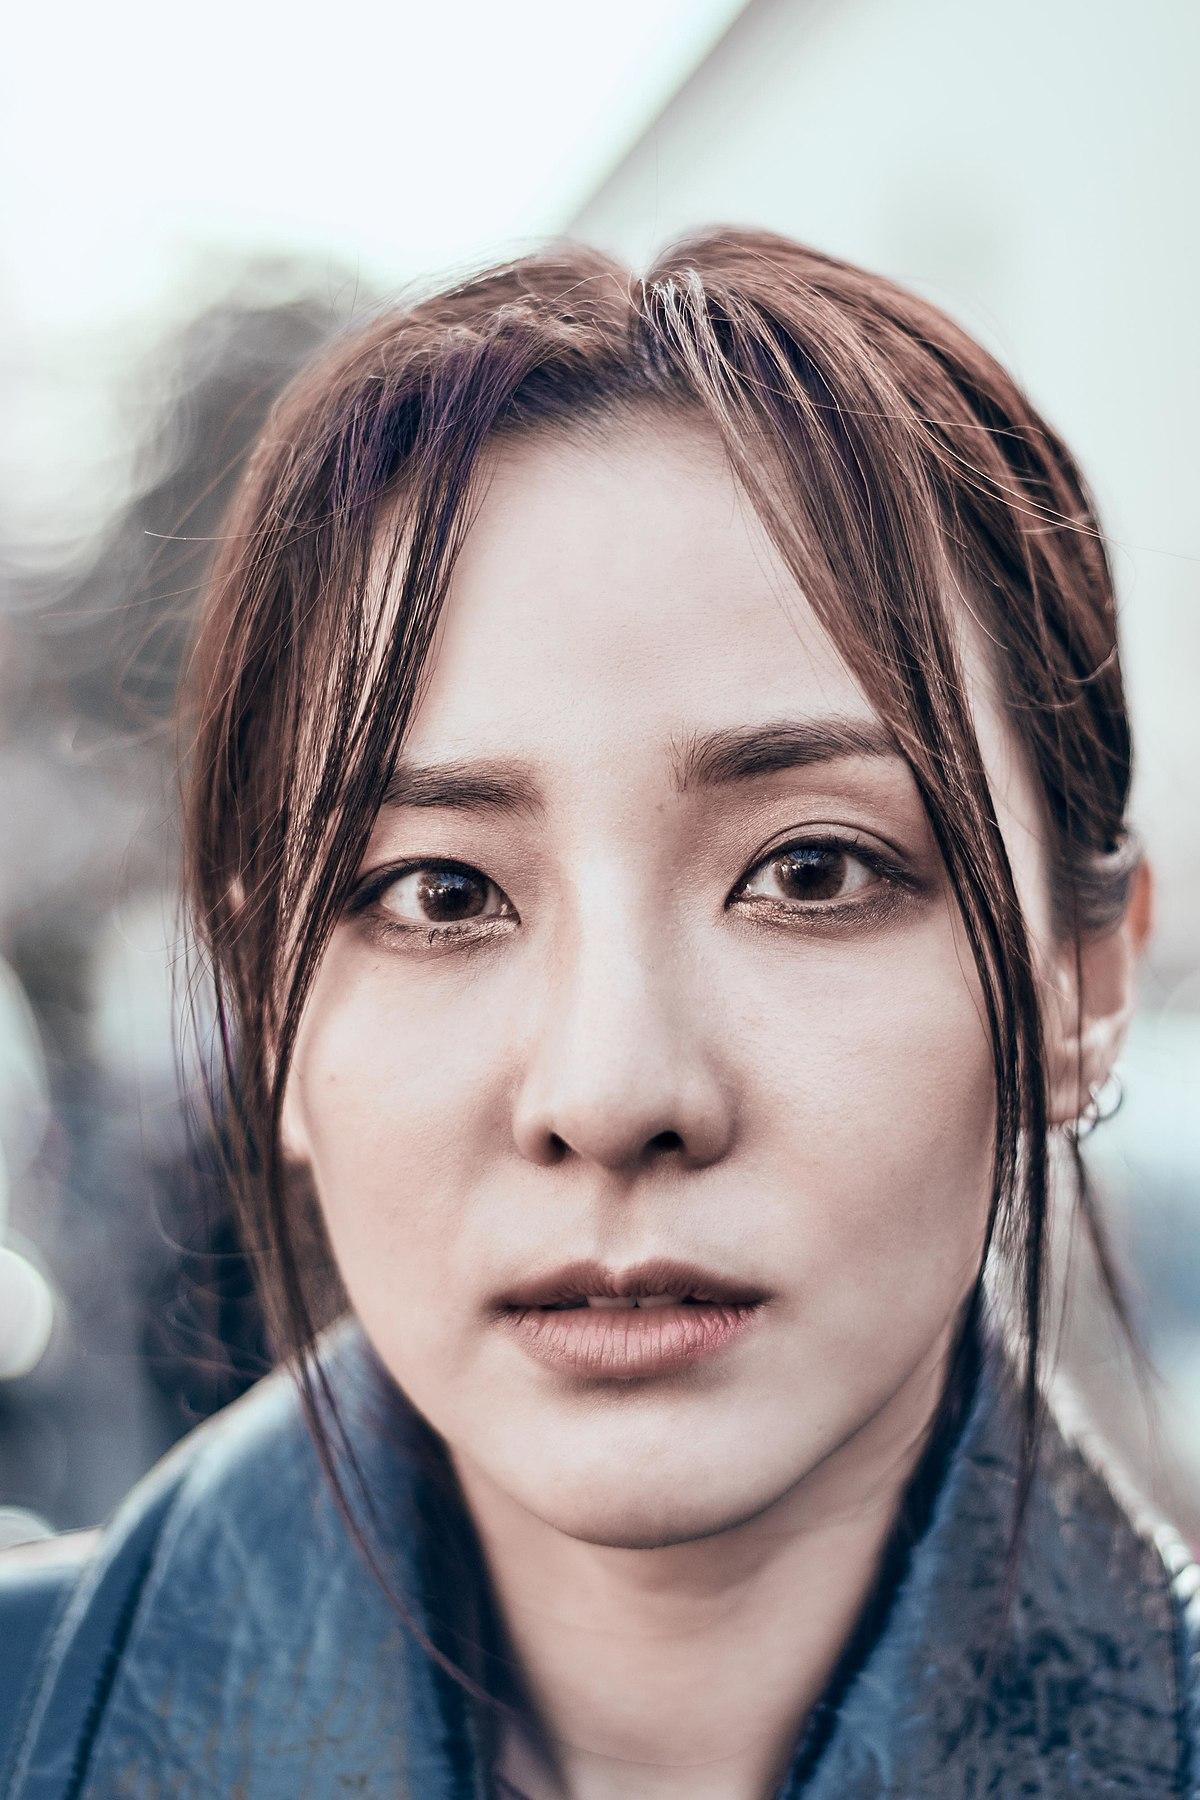 SJBTSGOT7 GOT 7 2019 Face Asian